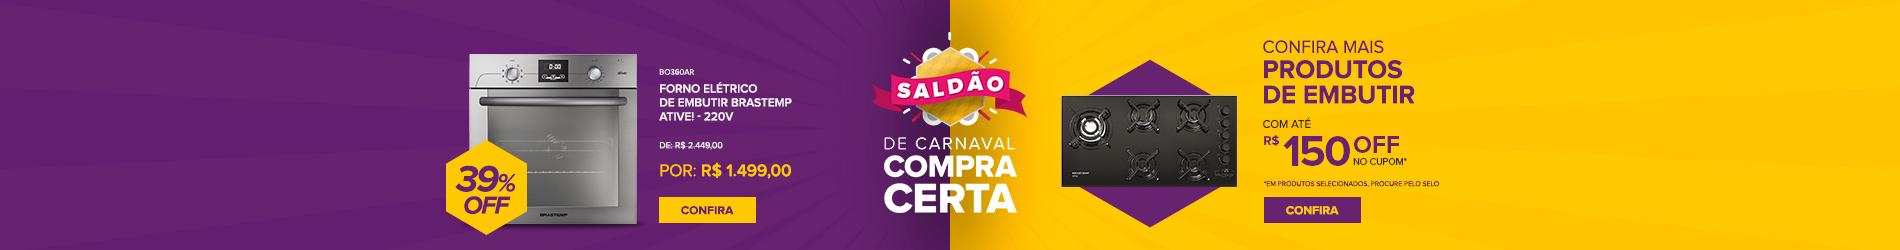 Promoção Interna - 2253 - saldao-carnaval_BO360A-cupomembutir-duplo_14022018_home3 - BO360A-cupomembutir-duplo - 3